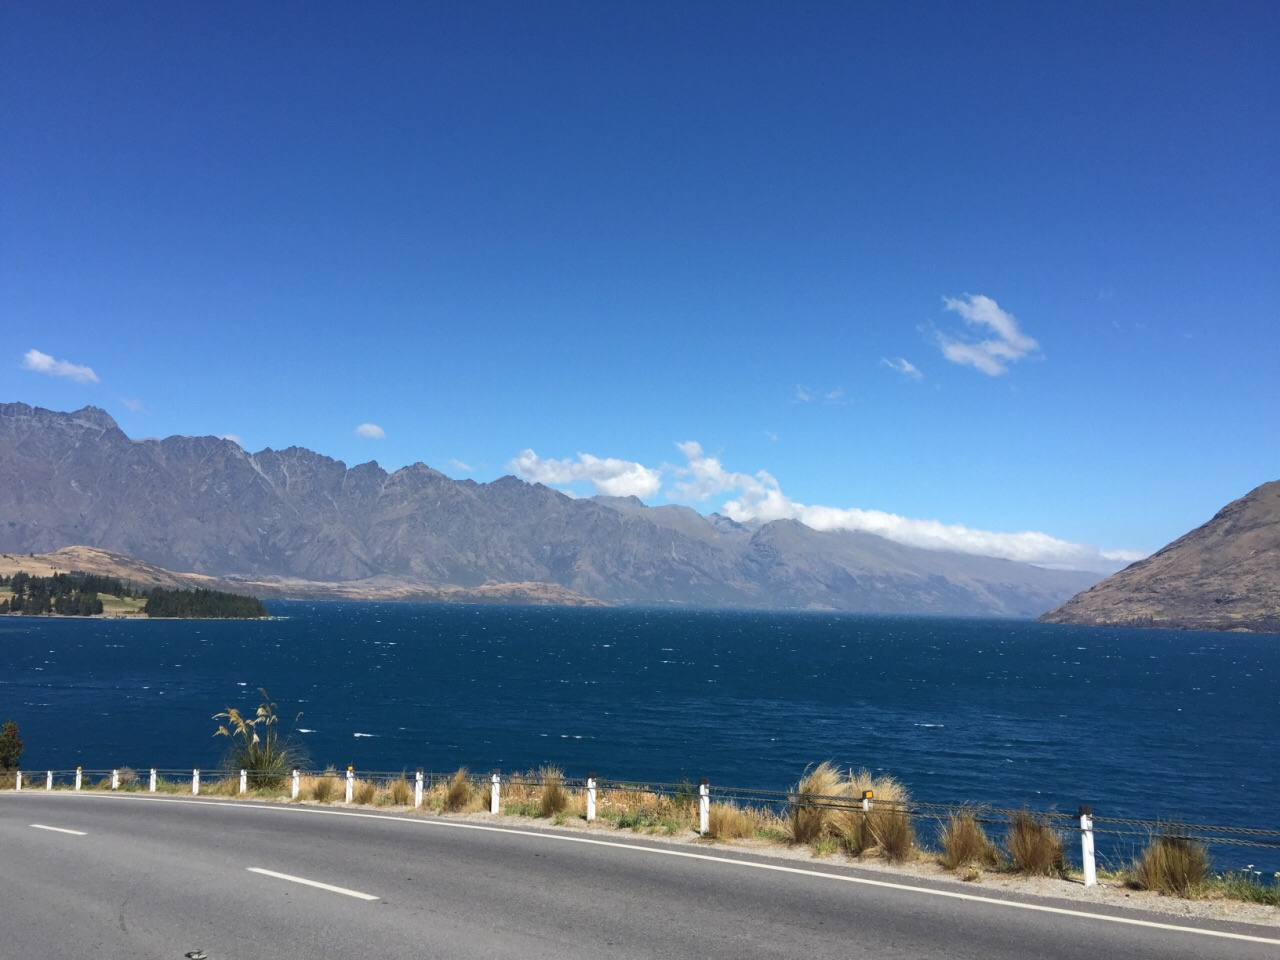 新西兰 皇后镇 格伦诺基-昆士城路